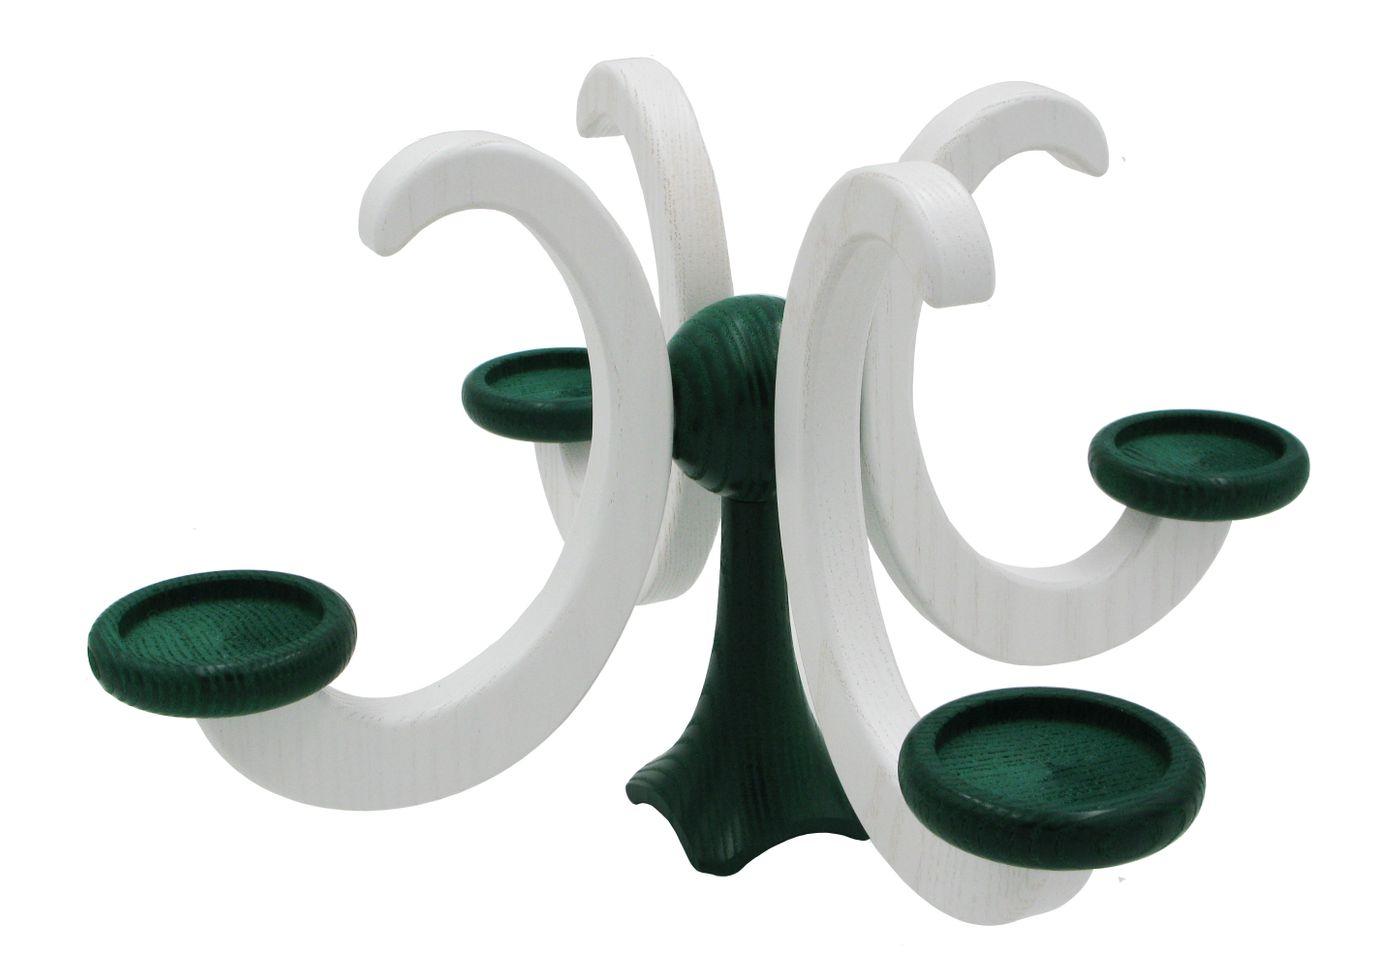 Adventsleuchter, Adventskranz, weiß/grün, für Teelichter